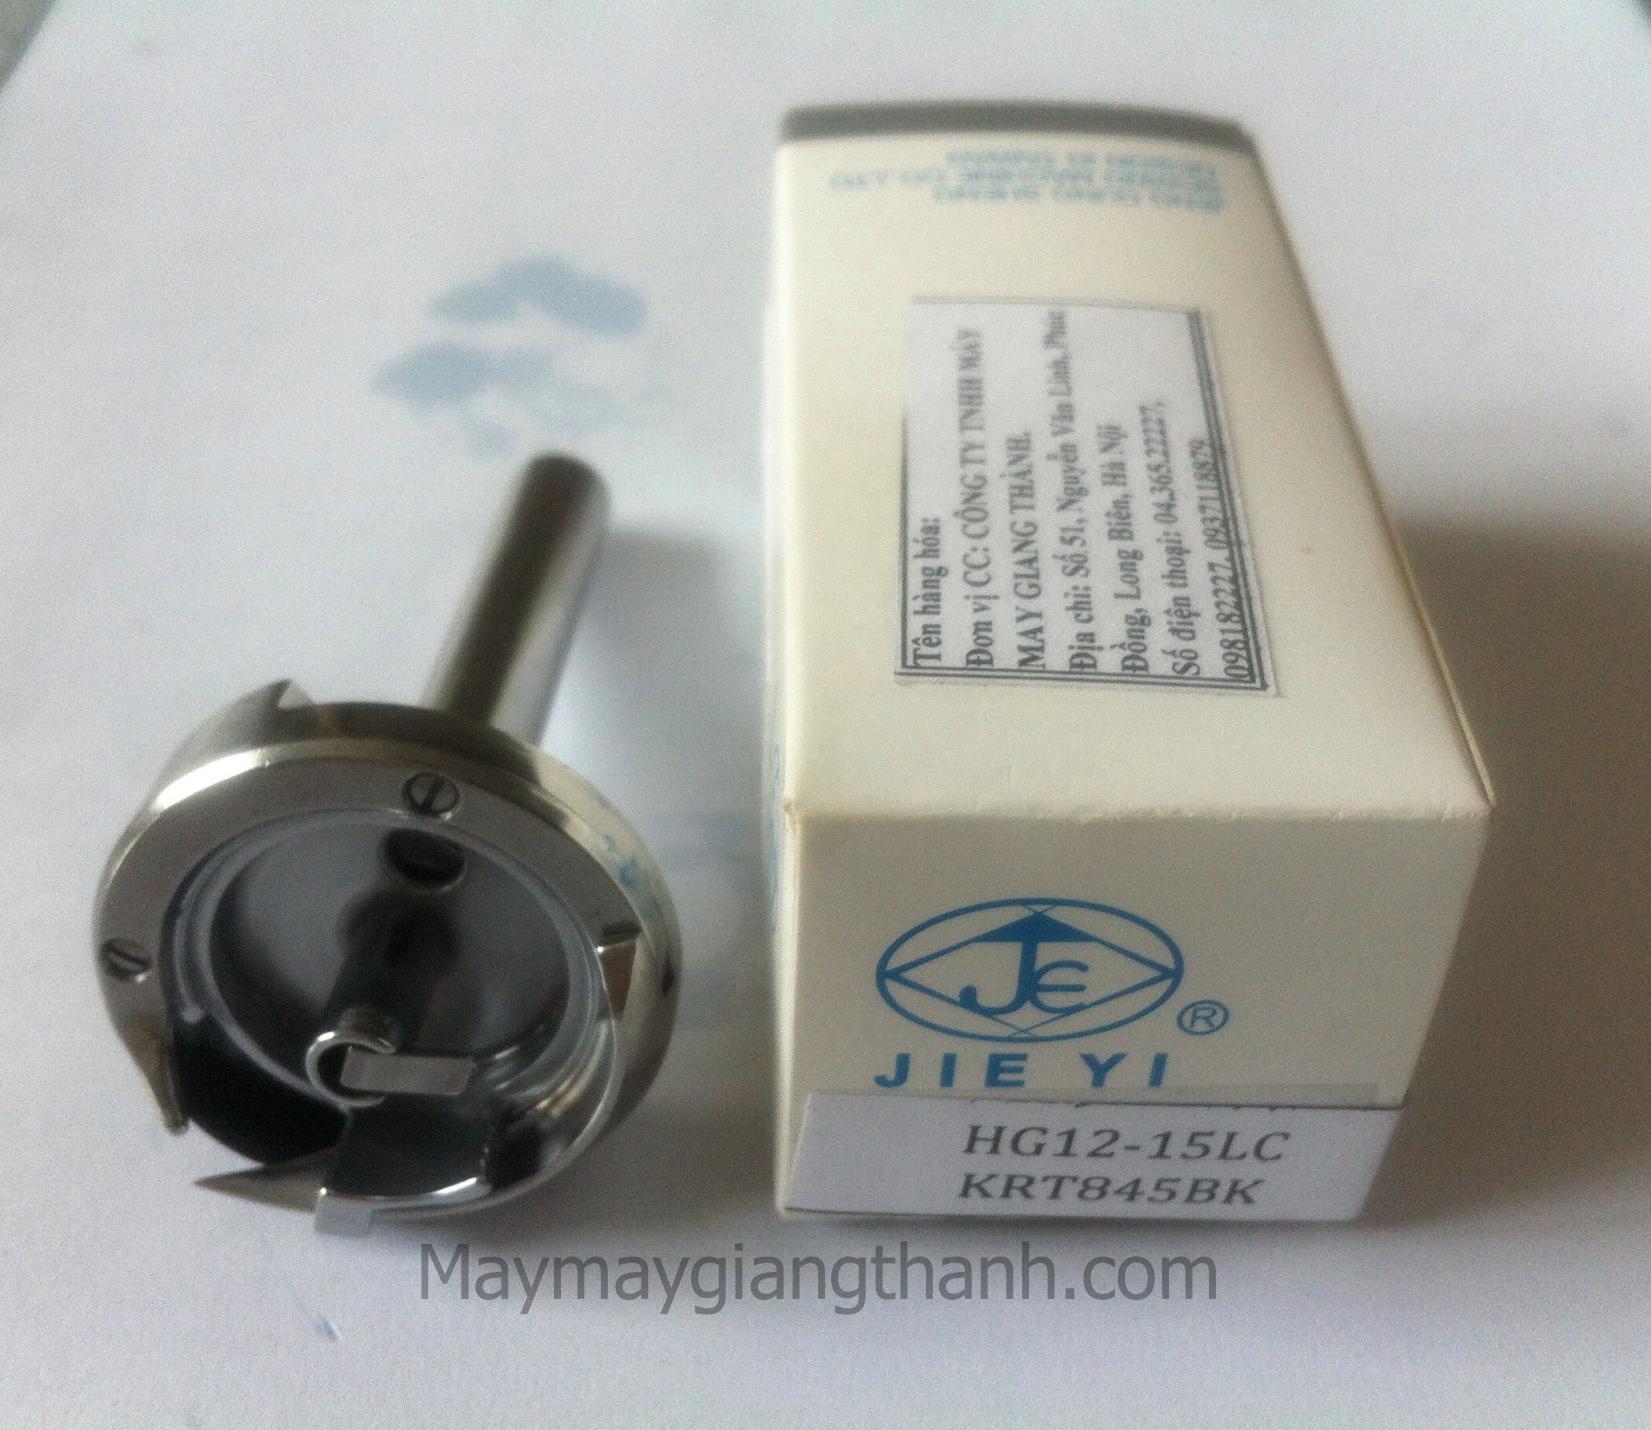 Ổ máy 2 kim cố định nhỏ HSH-12-15LC(845) Jieyi